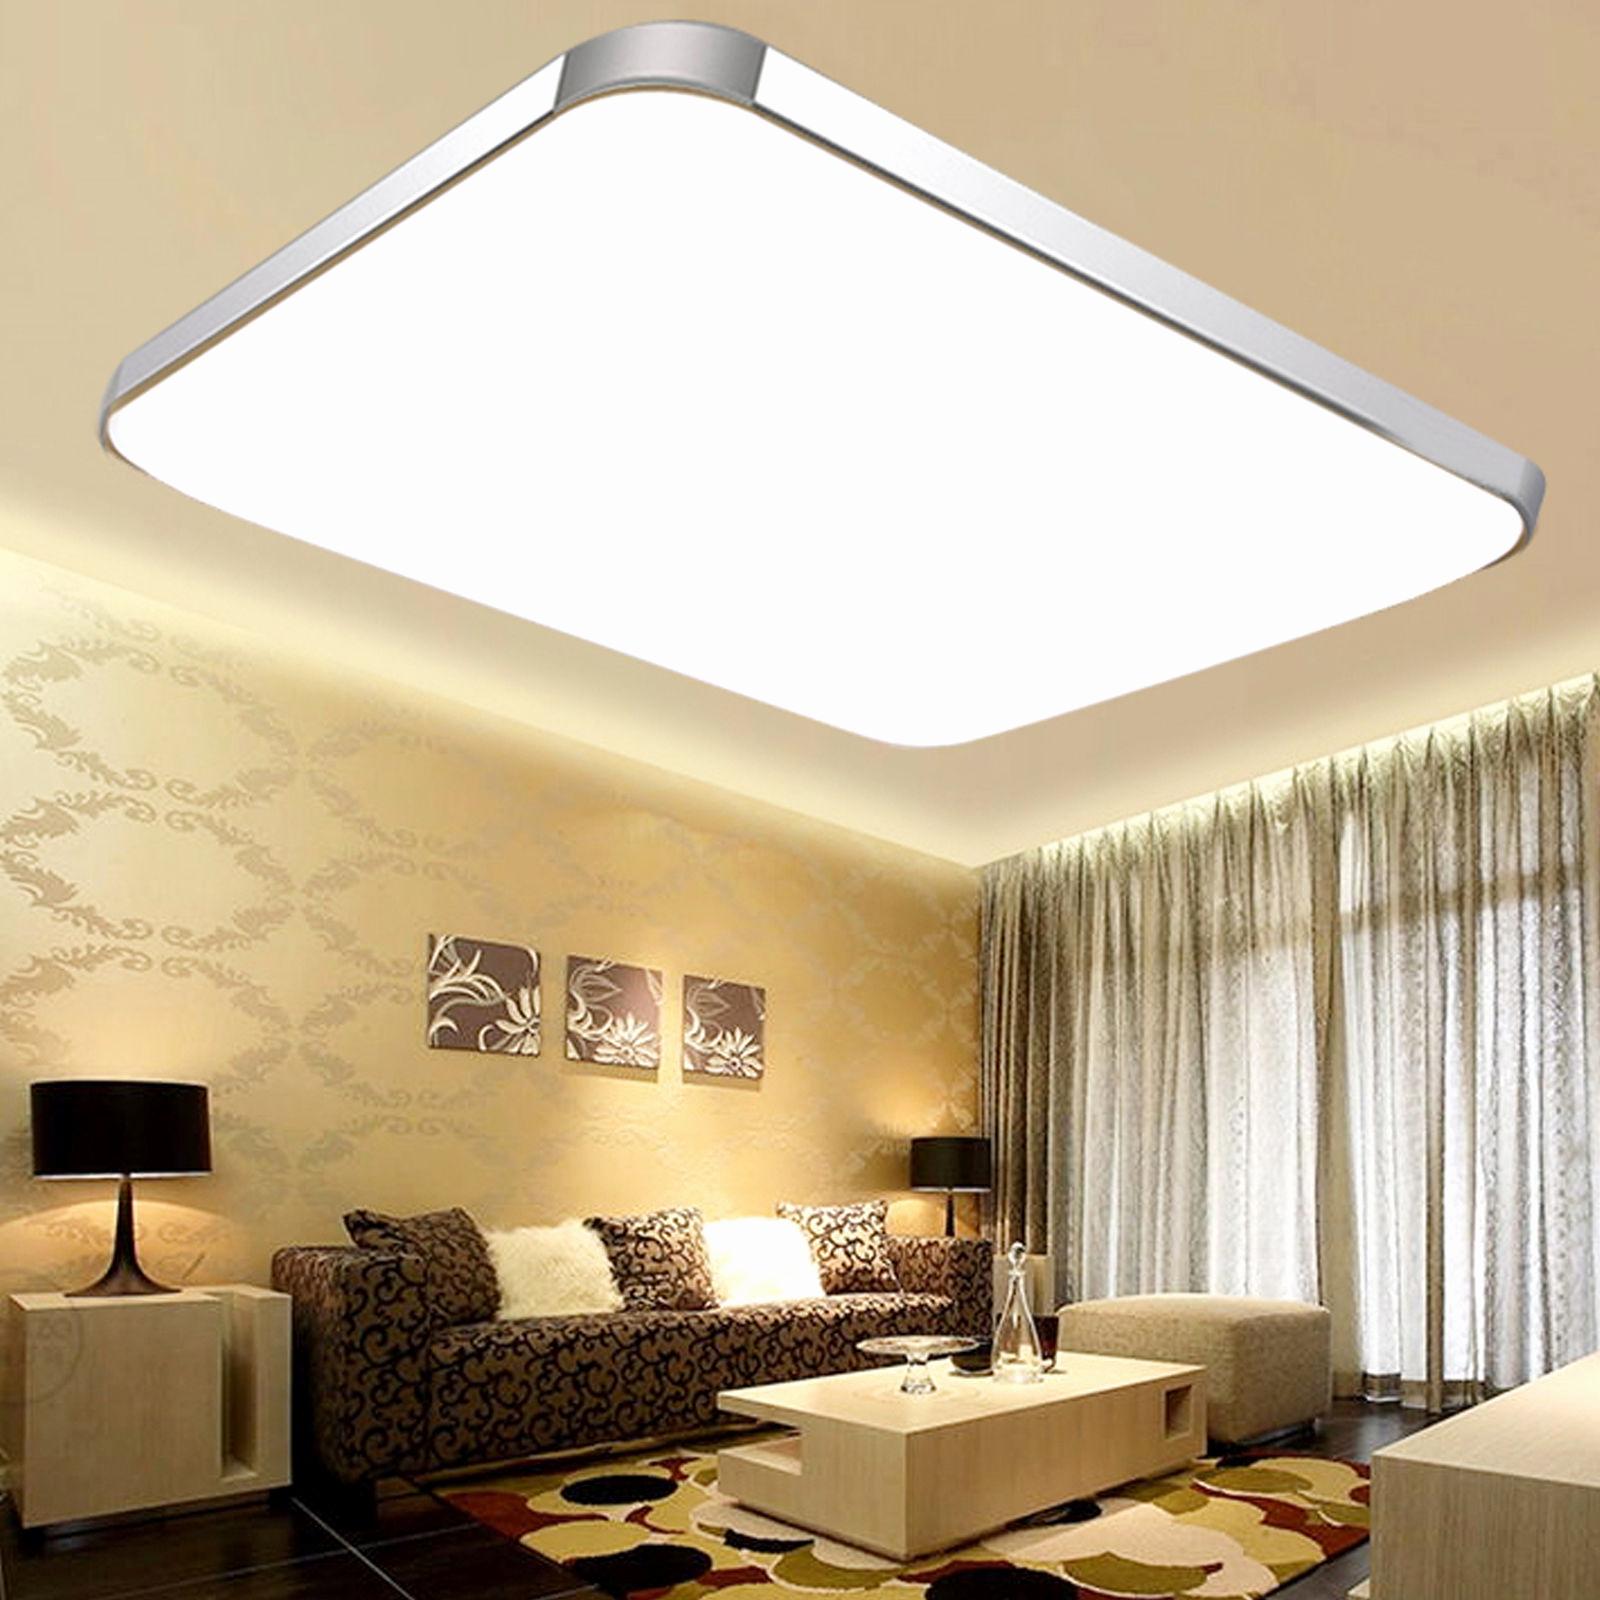 Full Size of Deckenleuchten Wohnzimmer Led Deckenleuchte Farbwechsel Einzigartig Hornbach Wandbilder Stehleuchte Beleuchtung Liege Stehlampe Hängeleuchte Deckenlampen Wohnzimmer Deckenleuchten Wohnzimmer